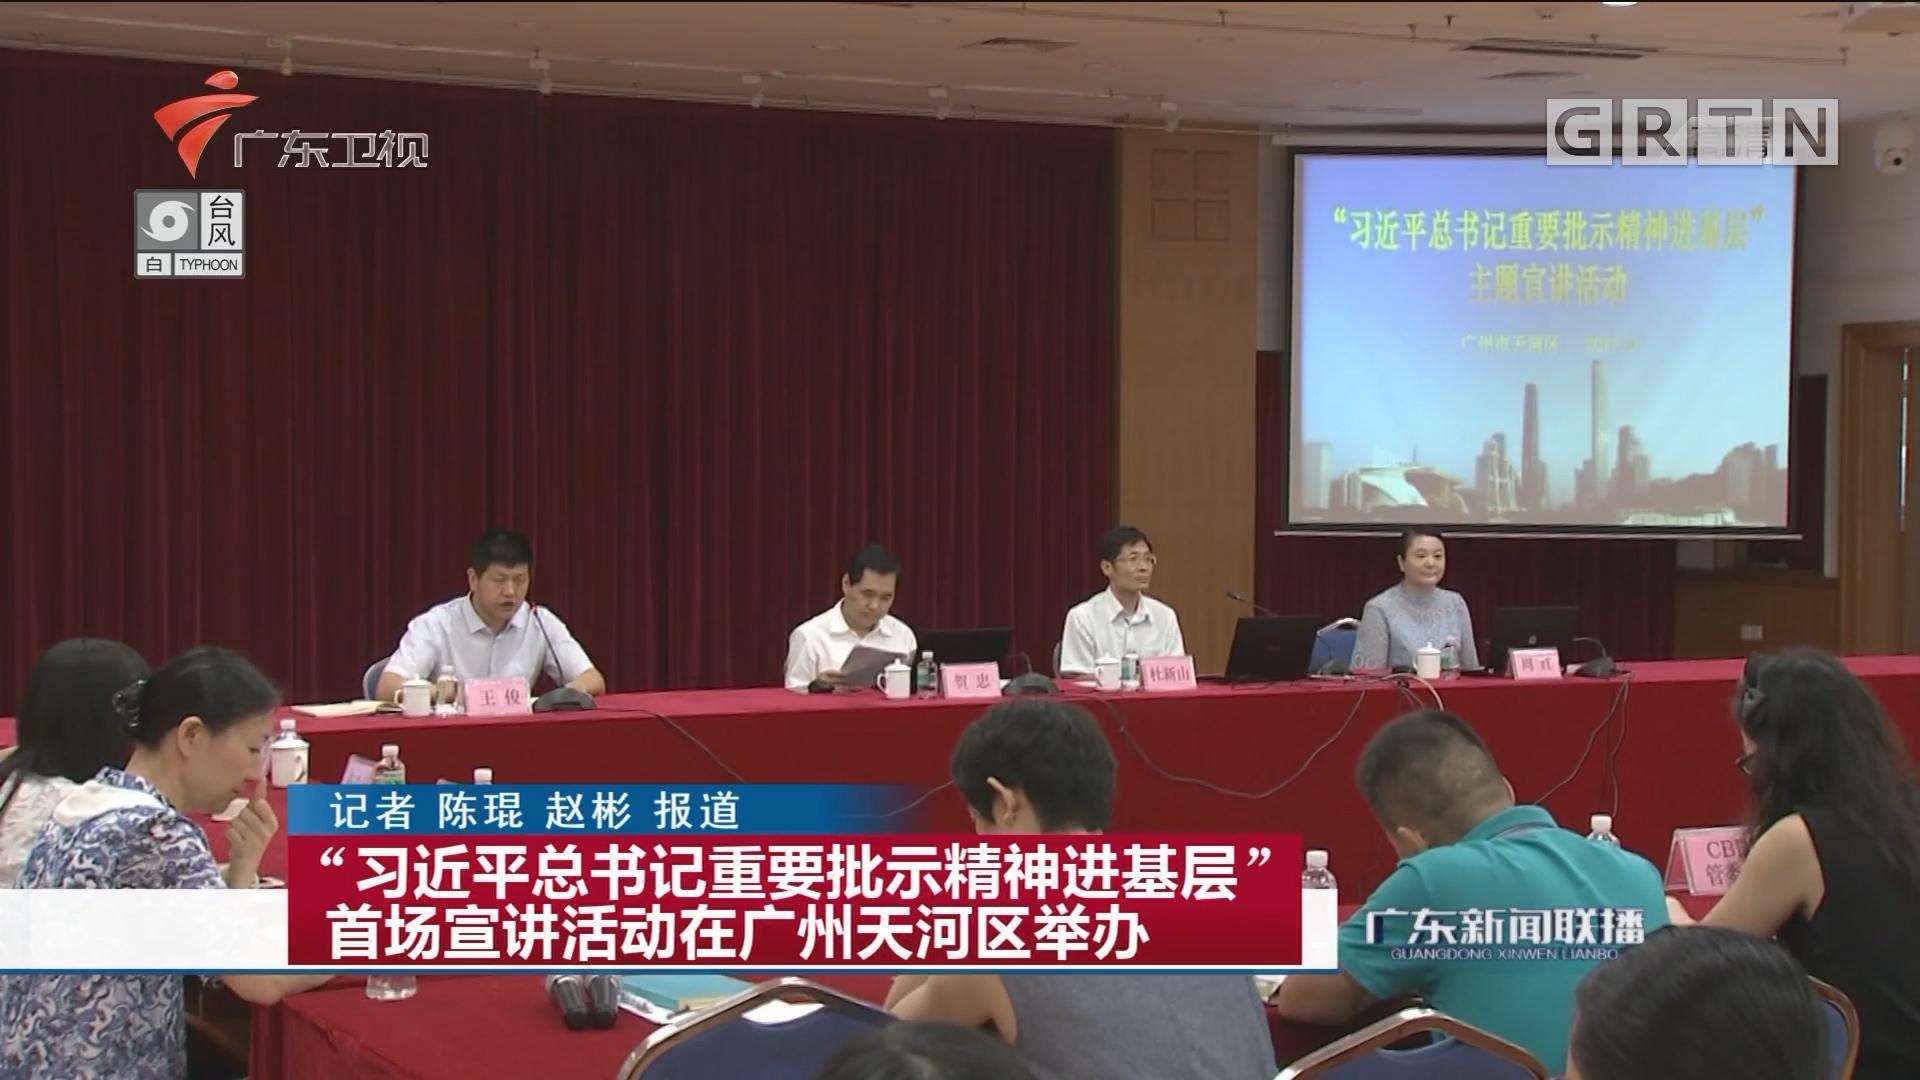 """""""习近平总书记重要批示精神进基层""""首场宣讲活动在广州天河区举办"""